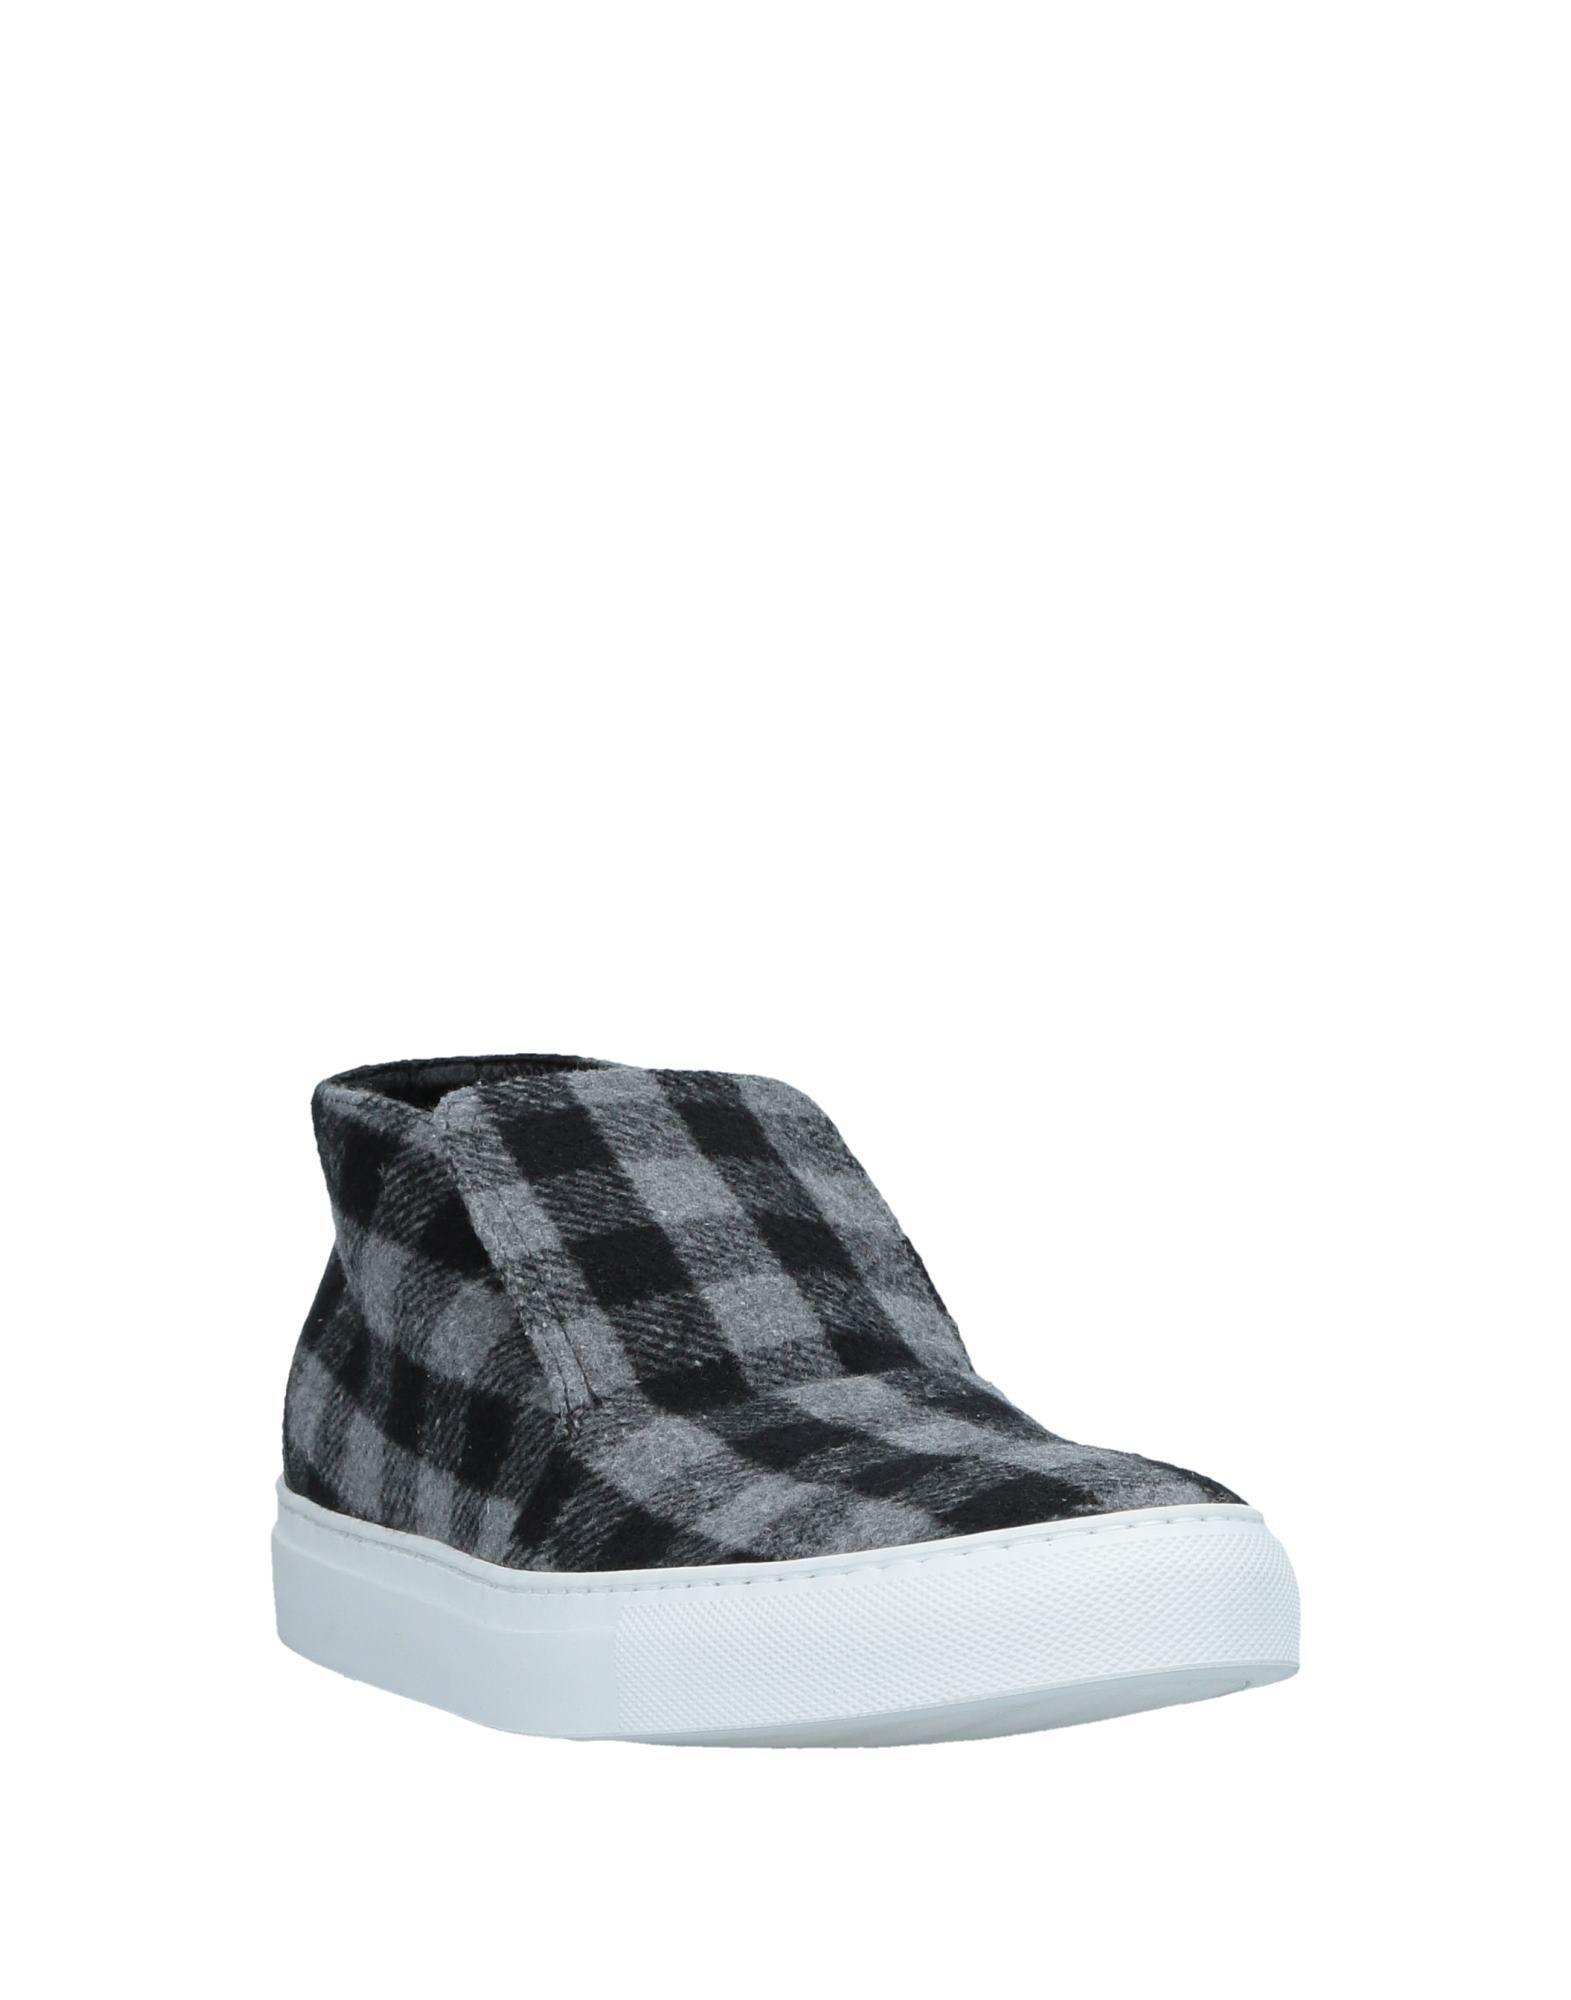 Joshua*S Joshua*S Joshua*S Sneakers - Men Joshua*S Sneakers online on  United Kingdom - 11532076TK a0b58b